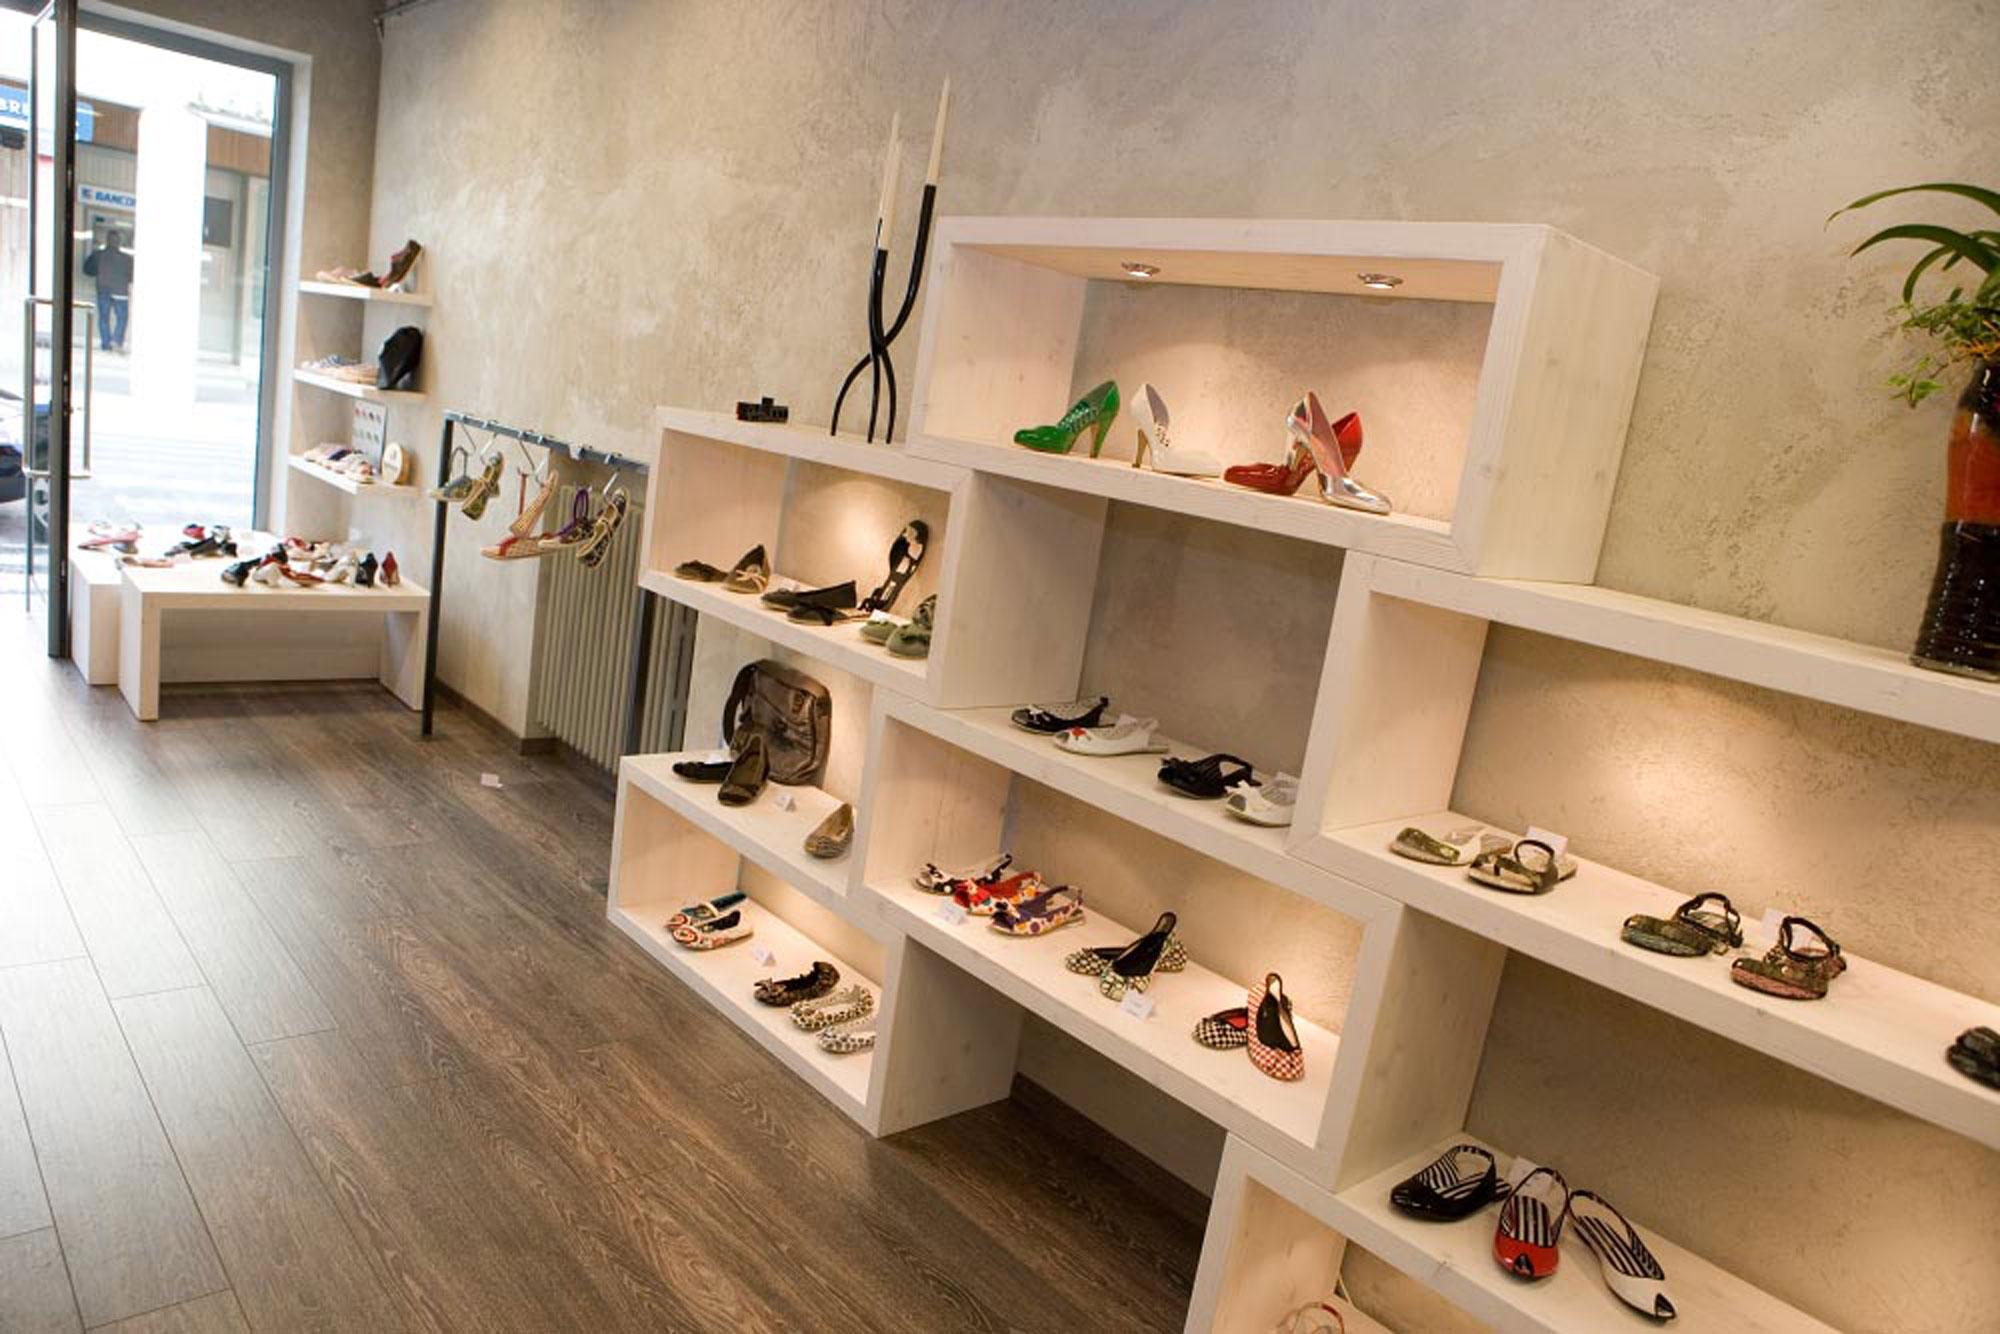 gm calzature villafranca 10 gm arredamenti